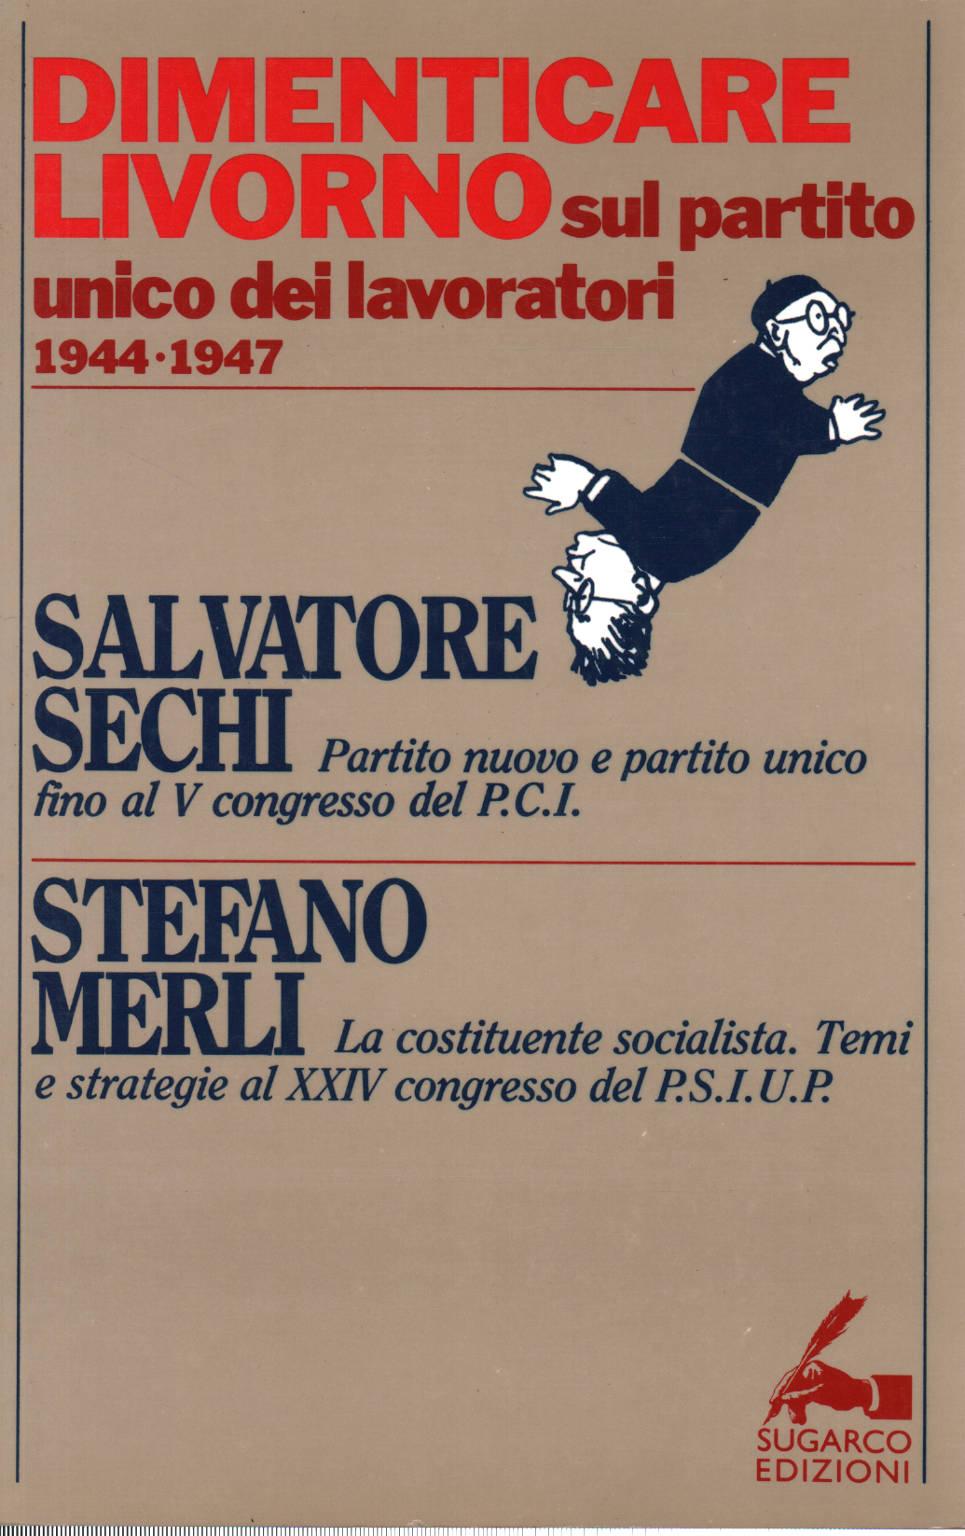 Dimenticare Livorno - Salvatore Secchi, Stefano Merli - Storia d ...